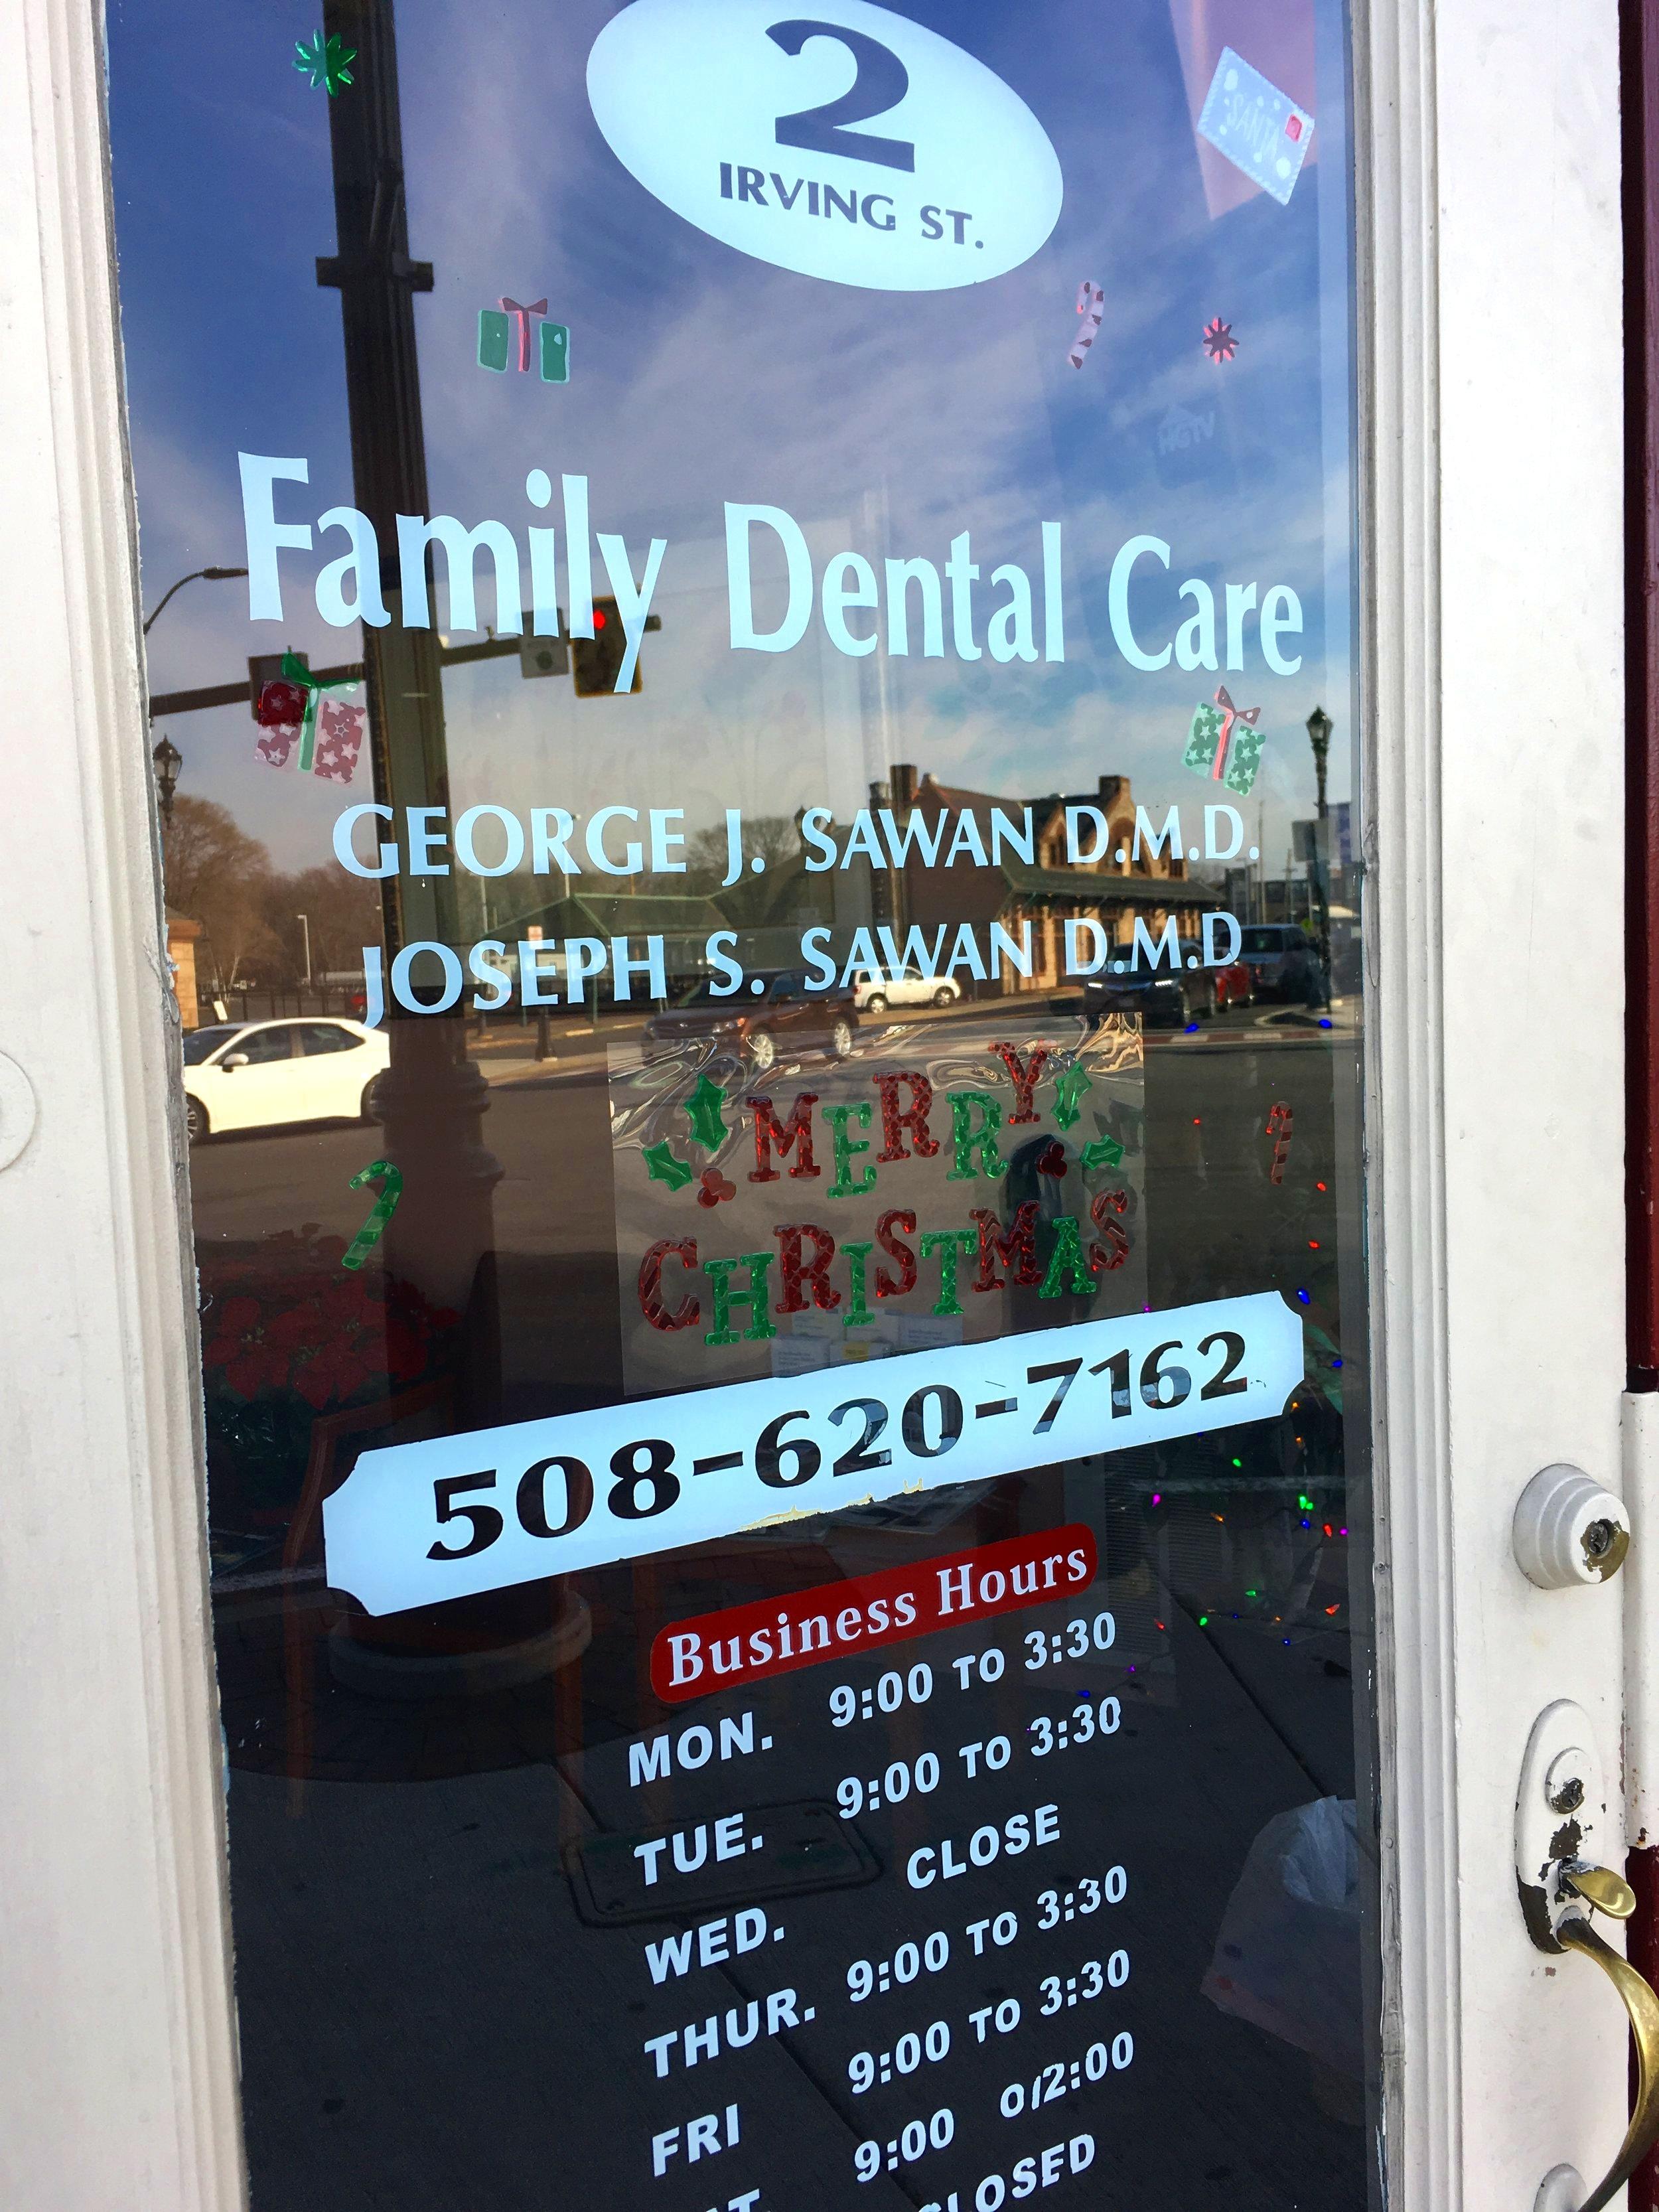 Family Dental Care   2 Irving Street